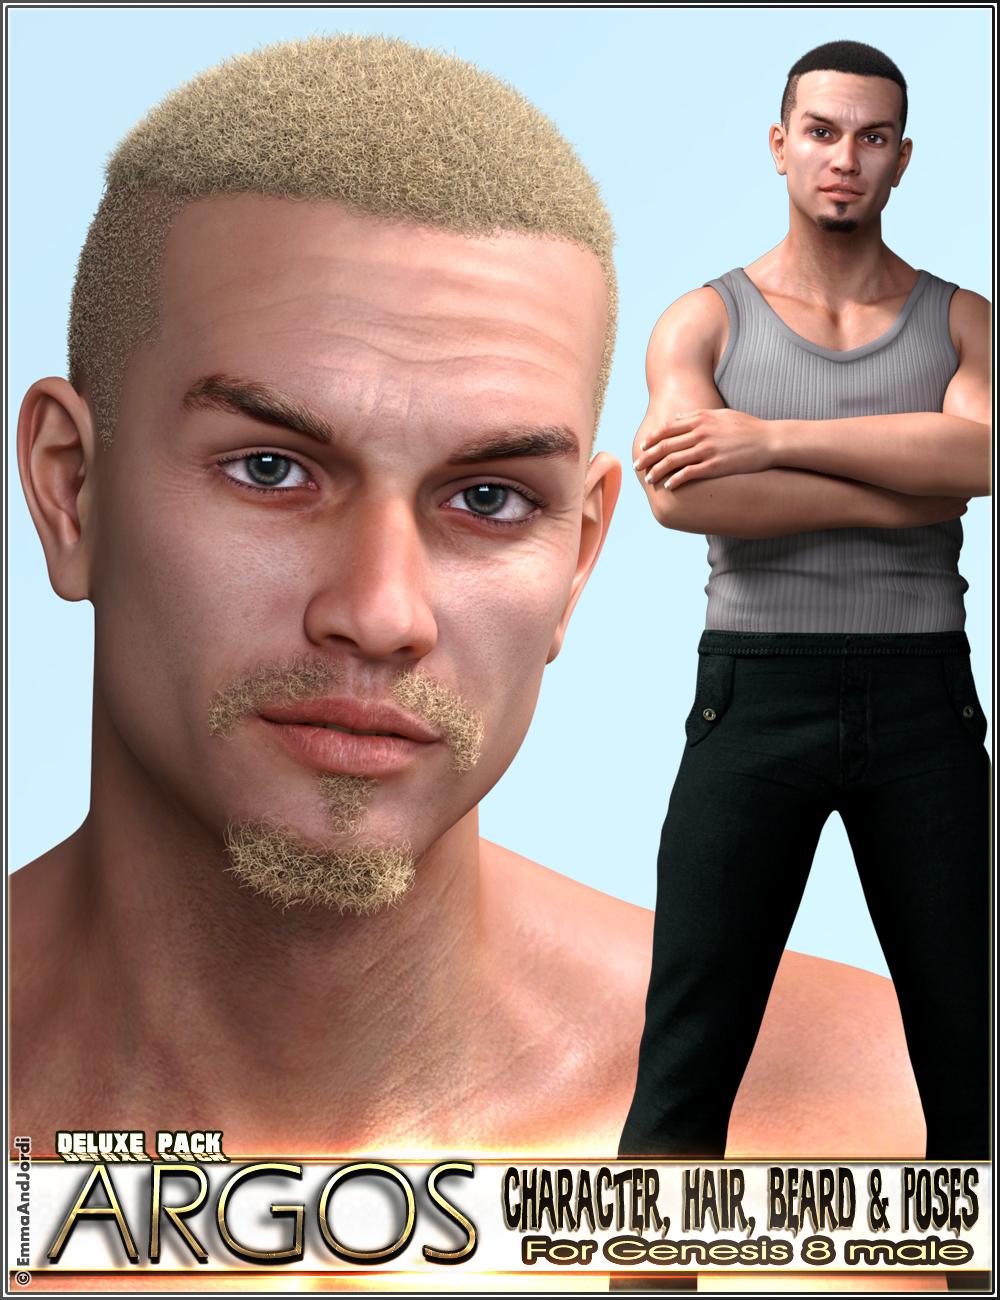 EJ Argos Deluxe Pack for Genesis 8 Male by: EmmaAndJordi, 3D Models by Daz 3D